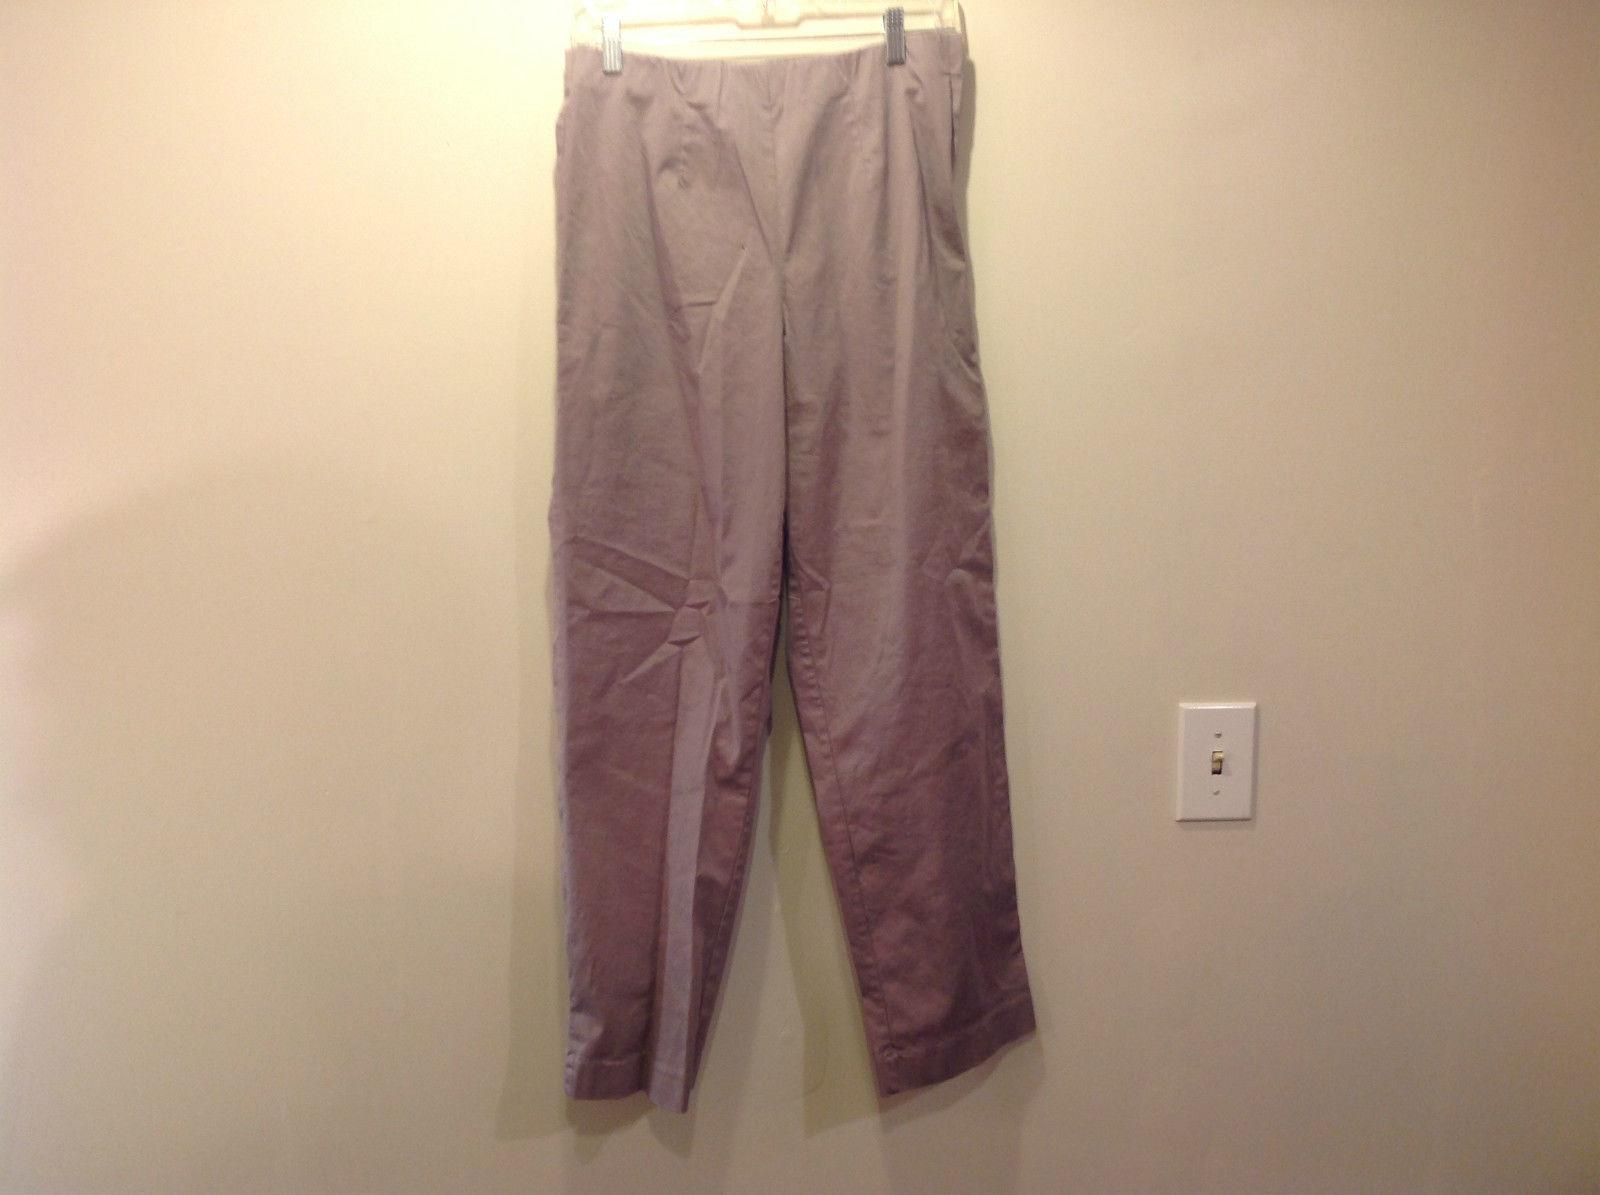 Susan Graver Style Lavender Casual Pants Size M Elastic Waist Side Zipper